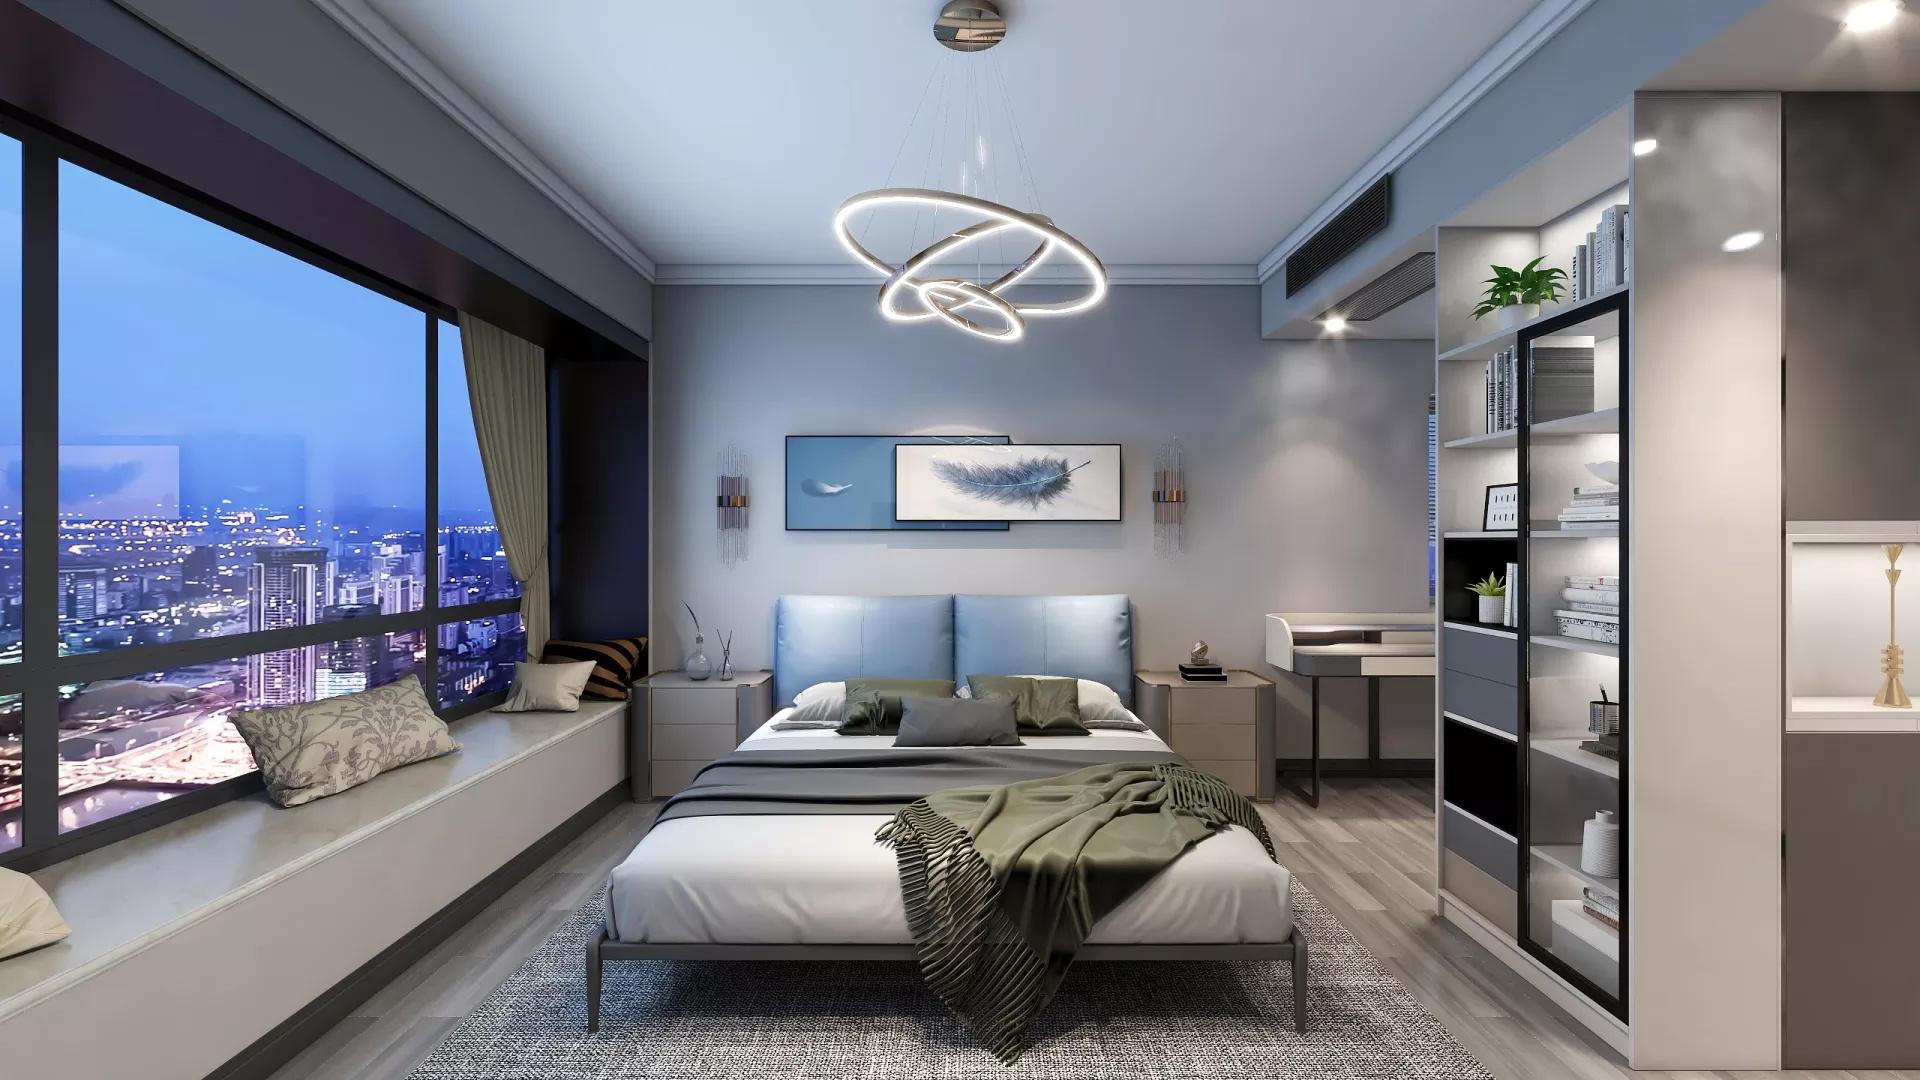 客厅,简约风格,简洁,温馨